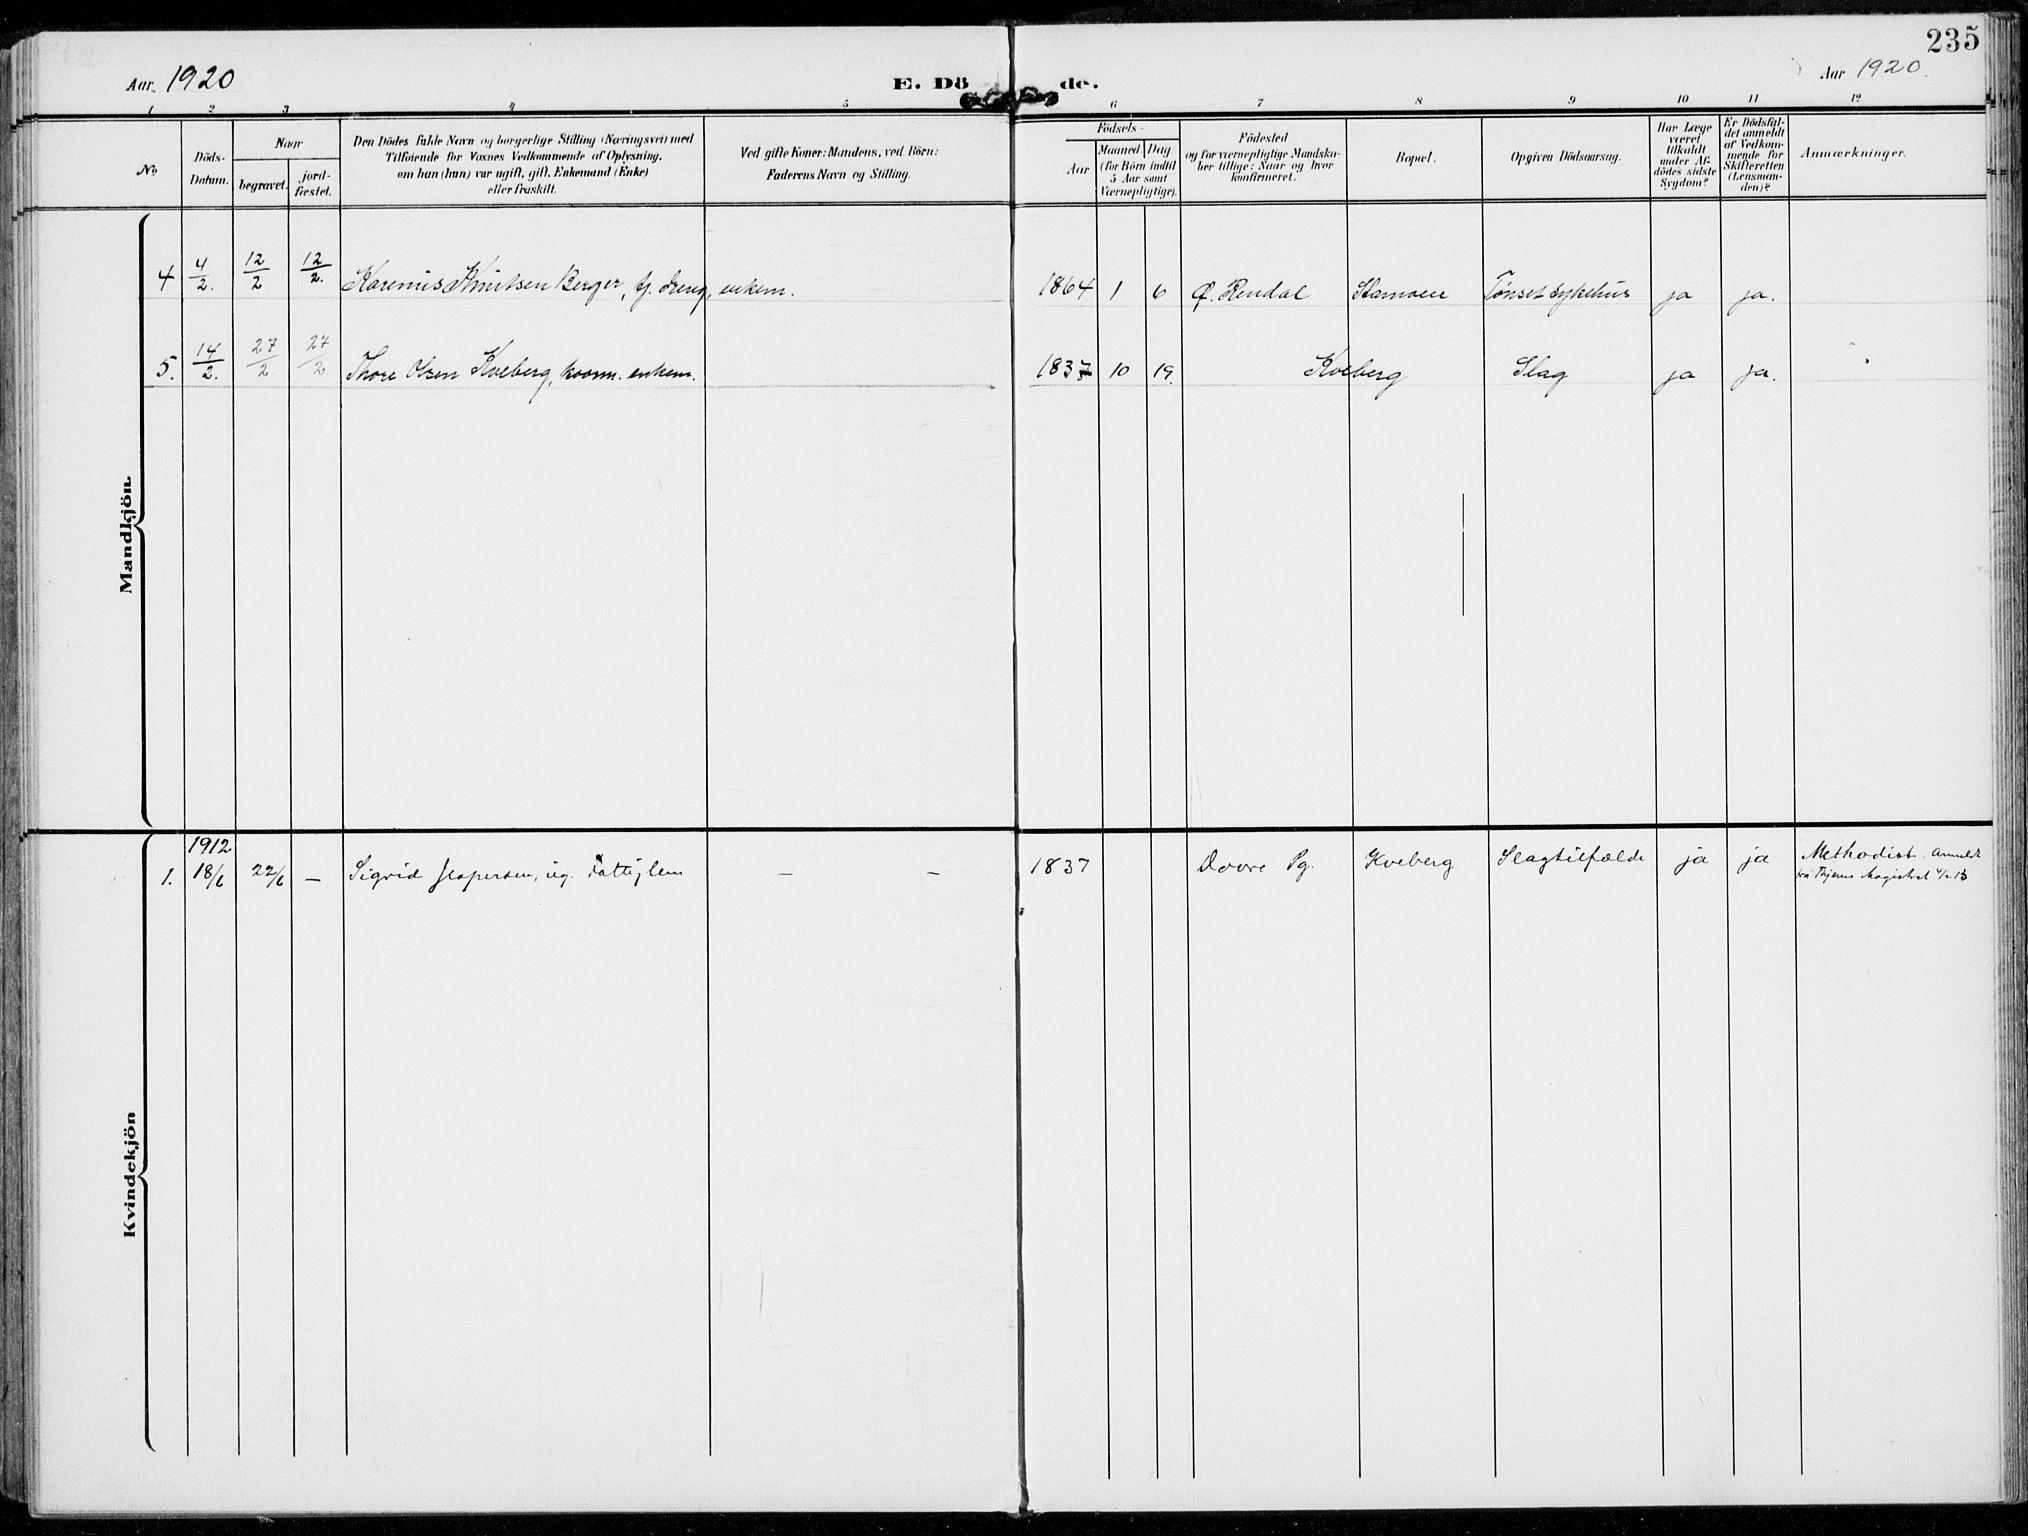 SAH, Alvdal prestekontor, Ministerialbok nr. 4, 1907-1919, s. 235